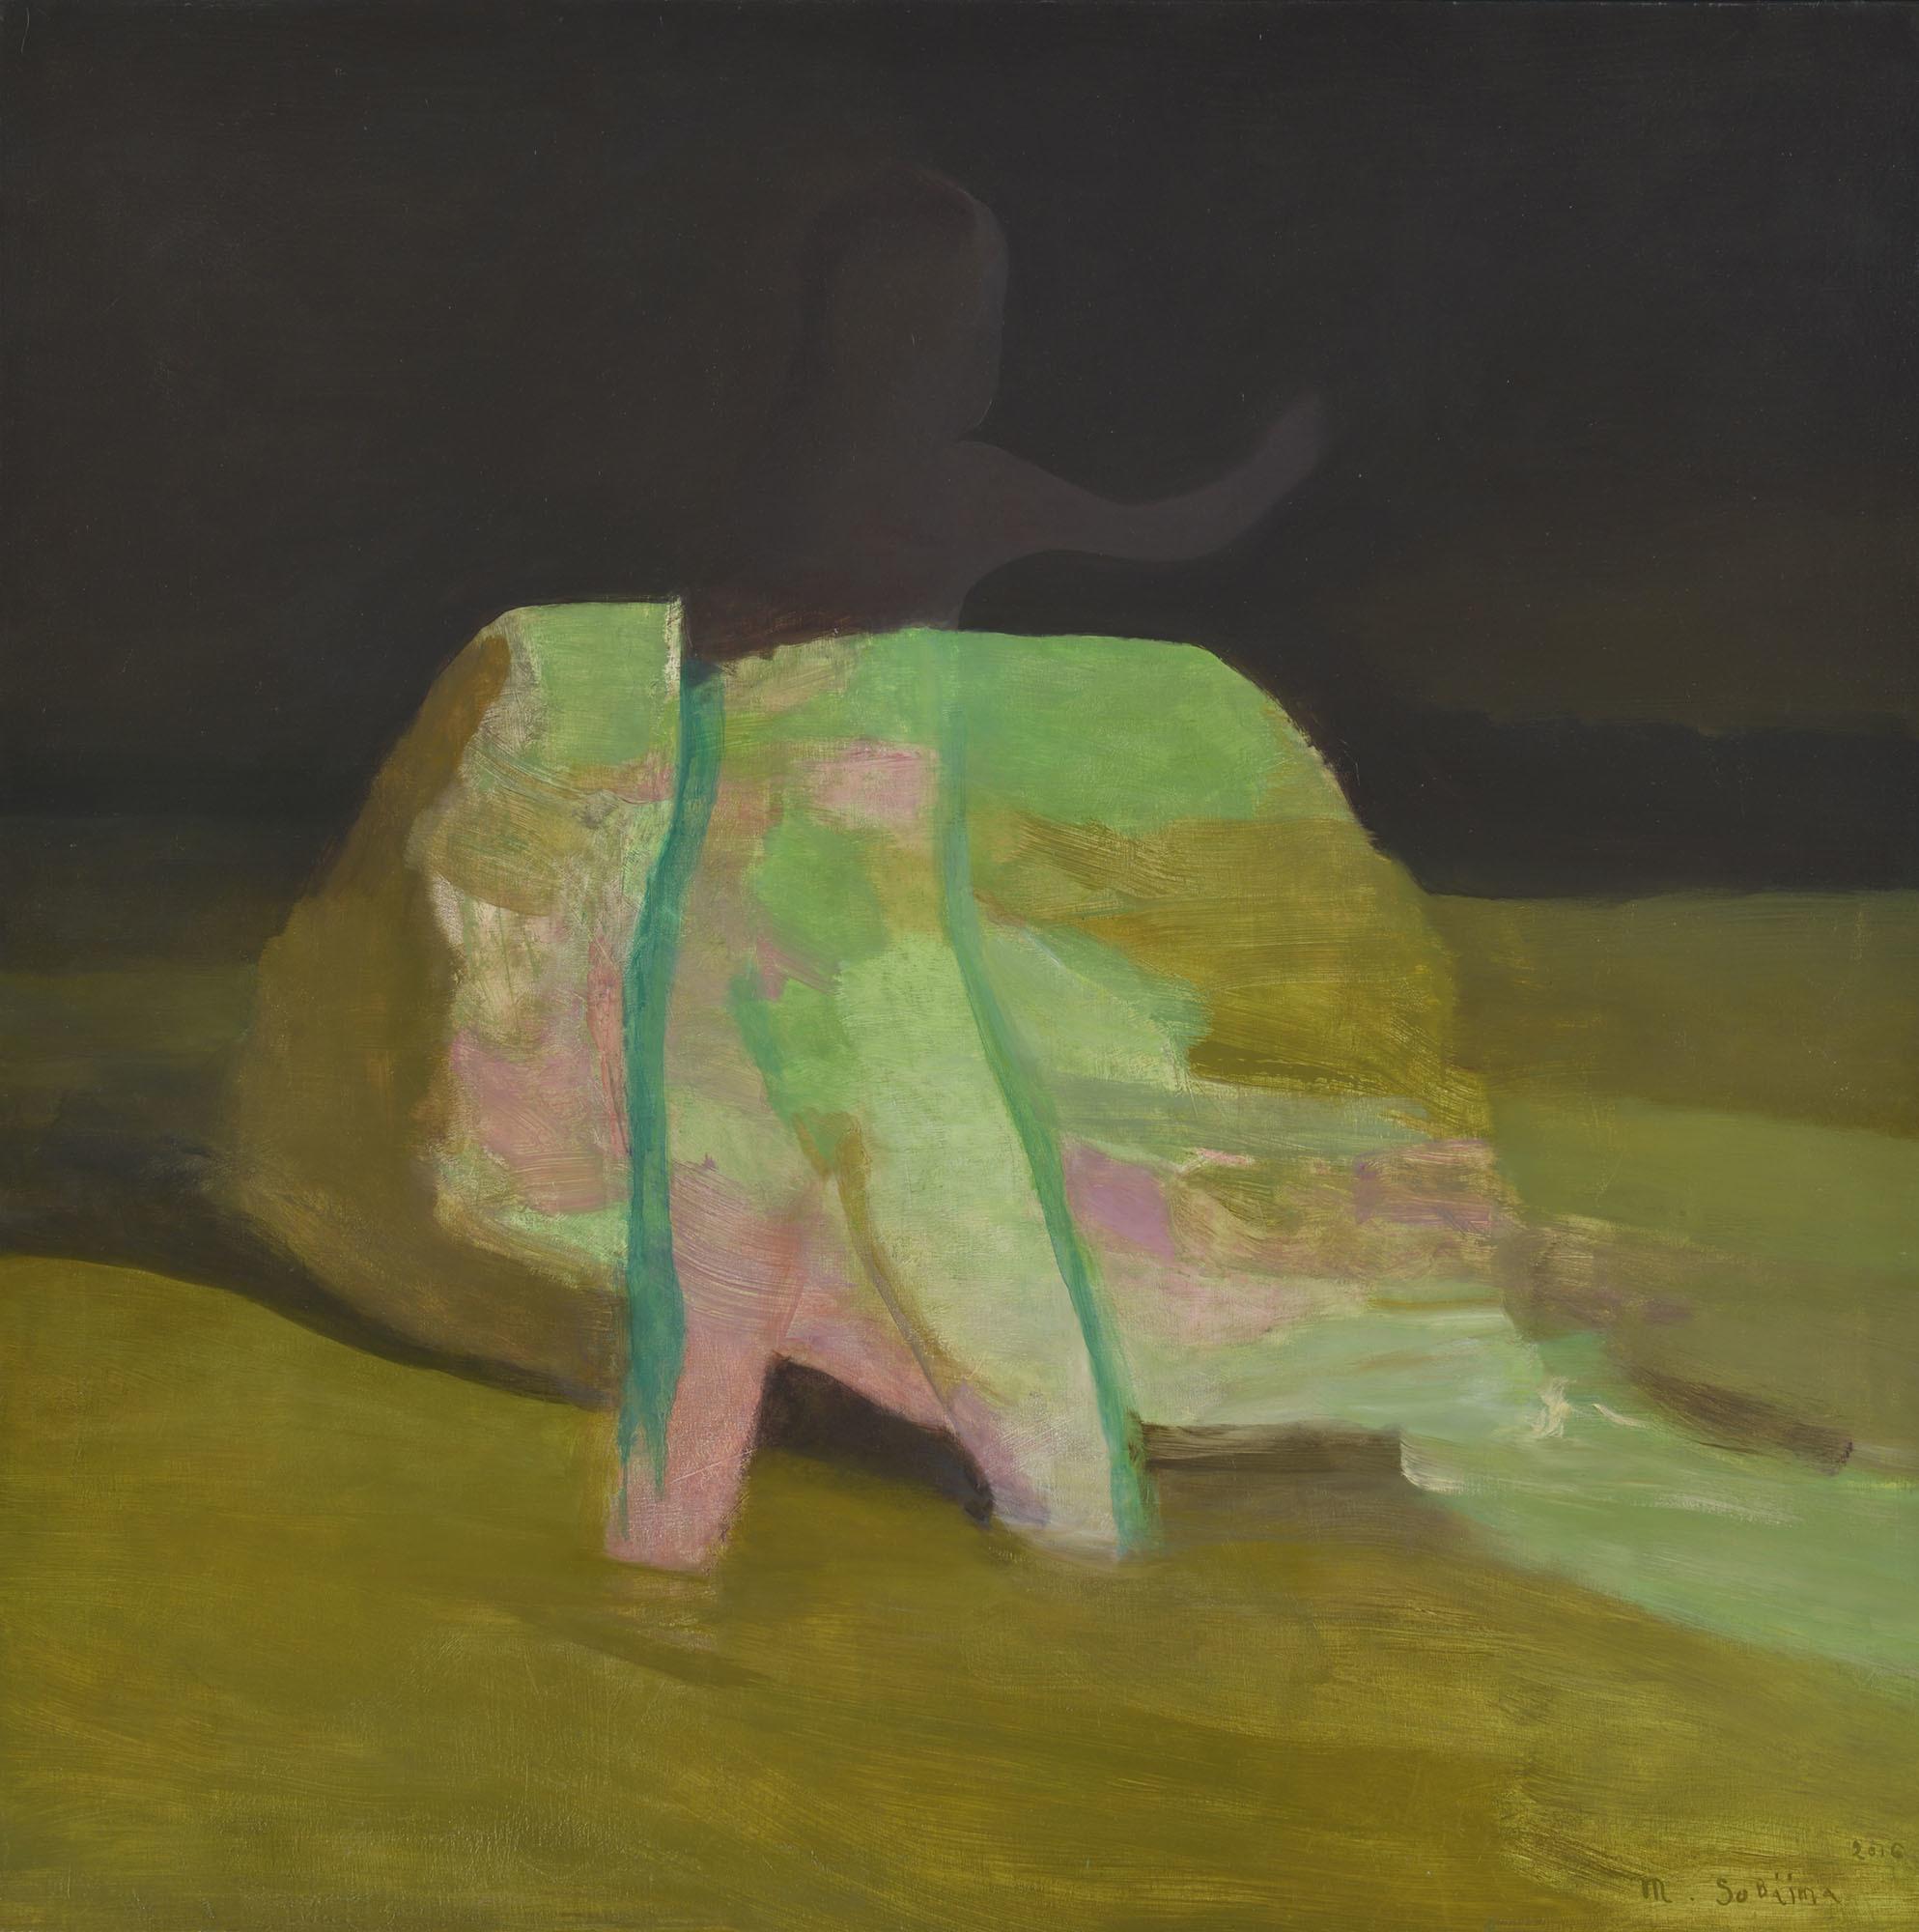 傍島 幹司(そばじま みきじ) 《夏の夜》2016 年 油彩・キャンバス 164×164 ㎝ 1960 年生まれ (審査員:坂元暁美)